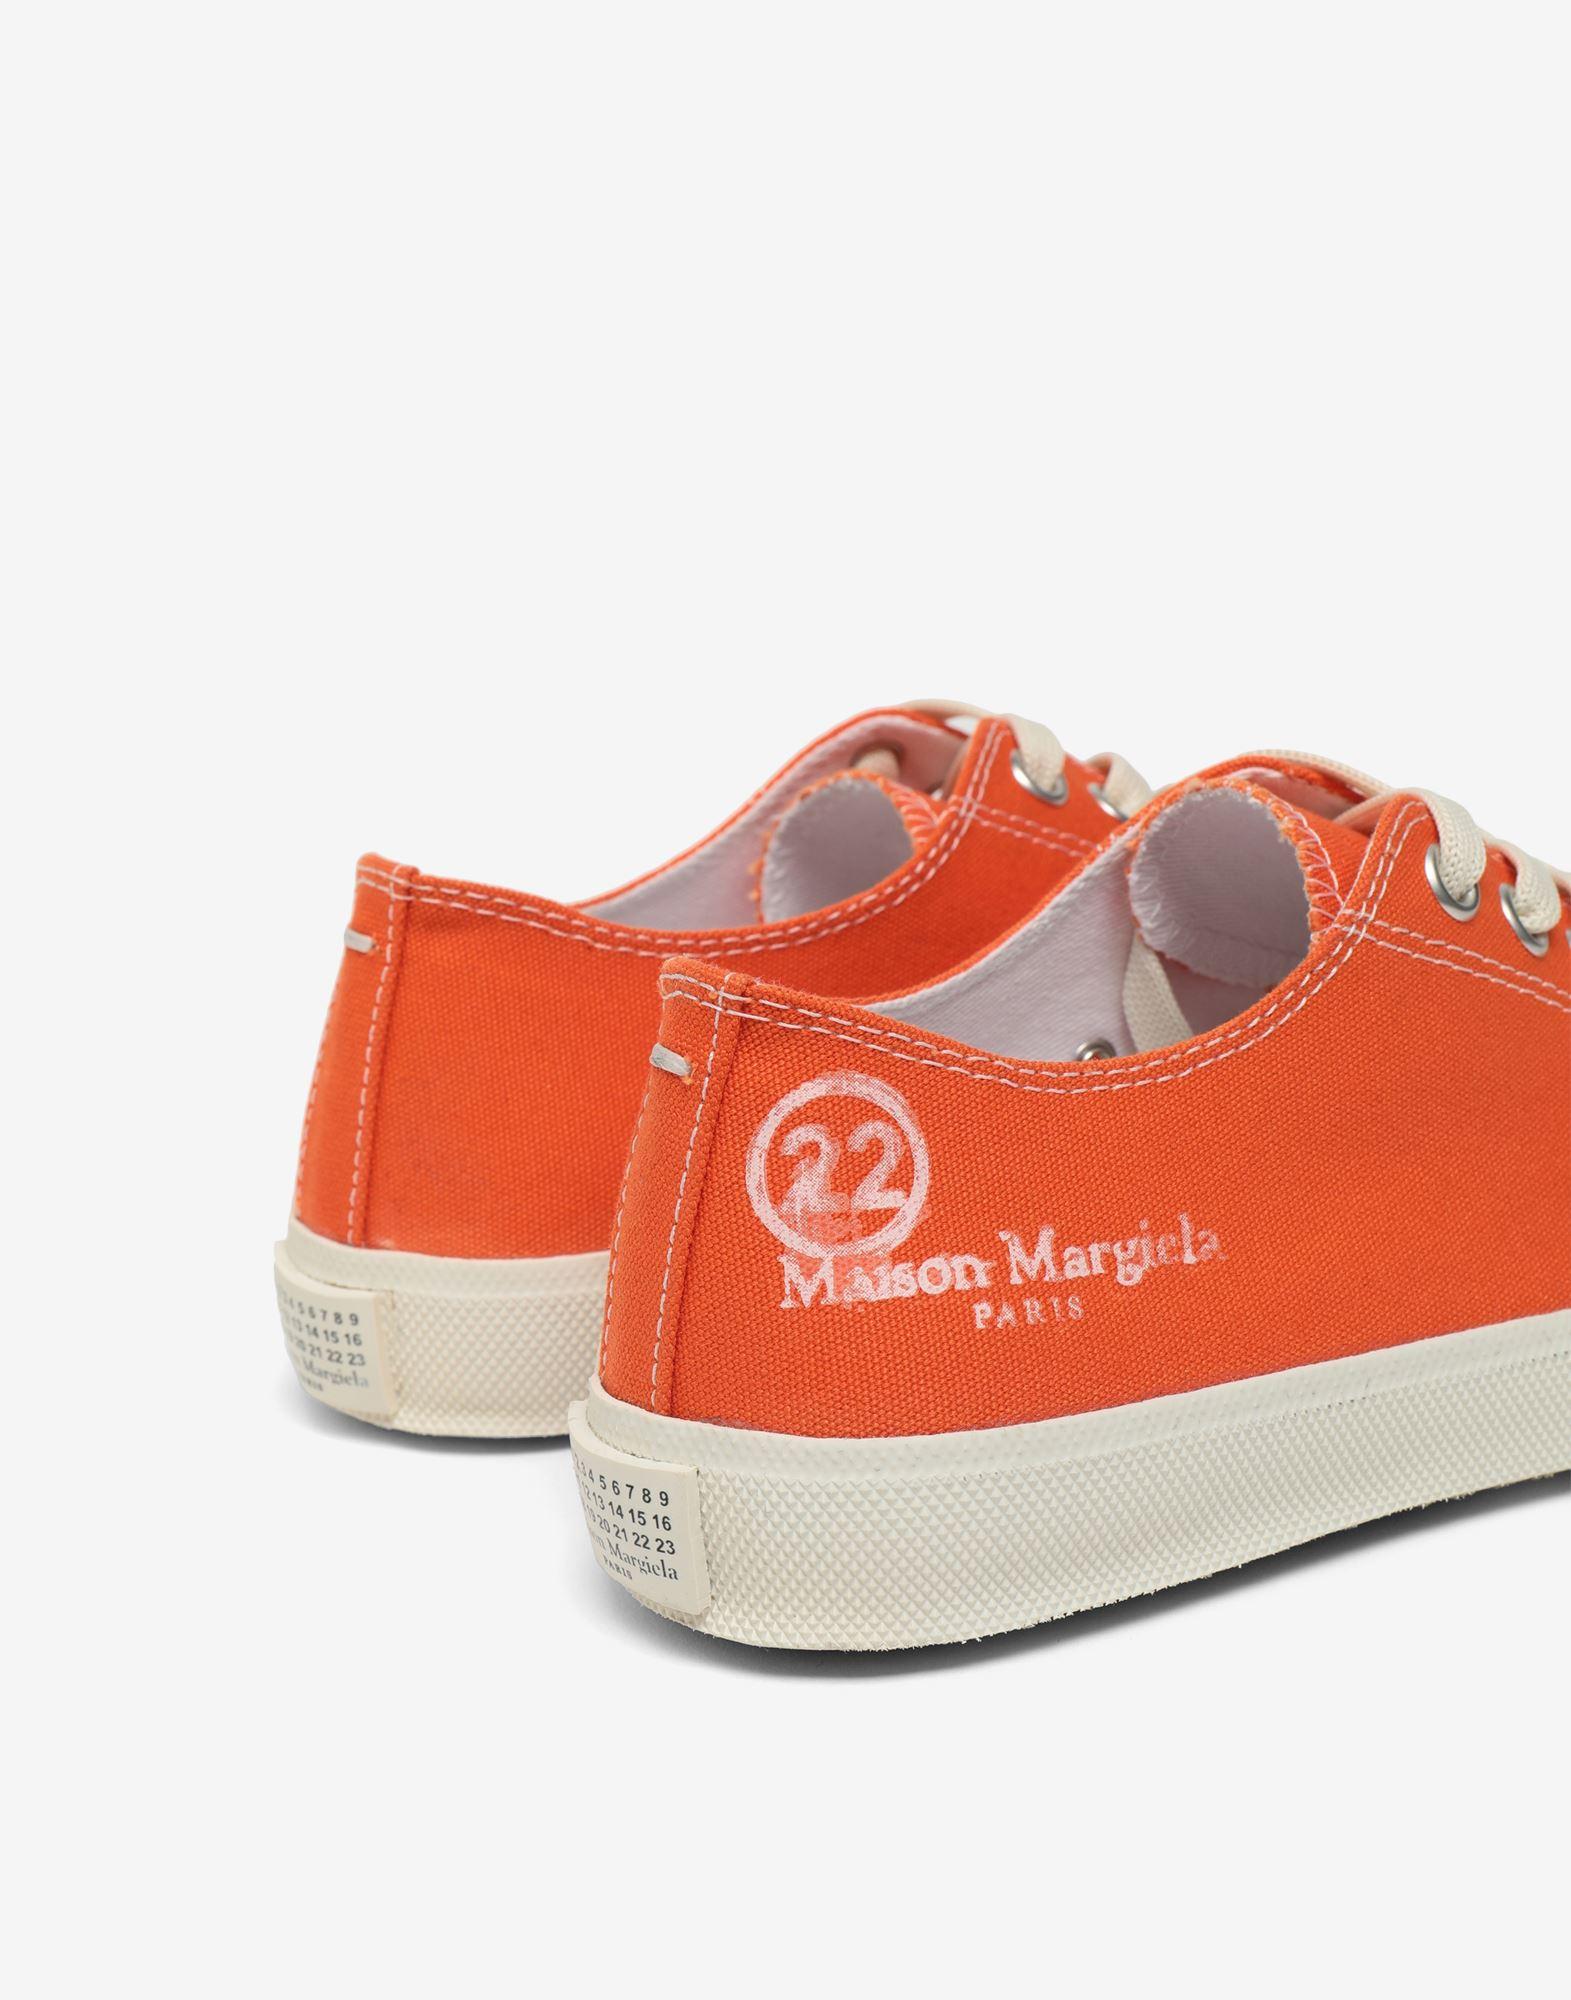 MAISON MARGIELA Низкие кроссовки Tabi из парусины Sneakers Tabi Для Женщин e